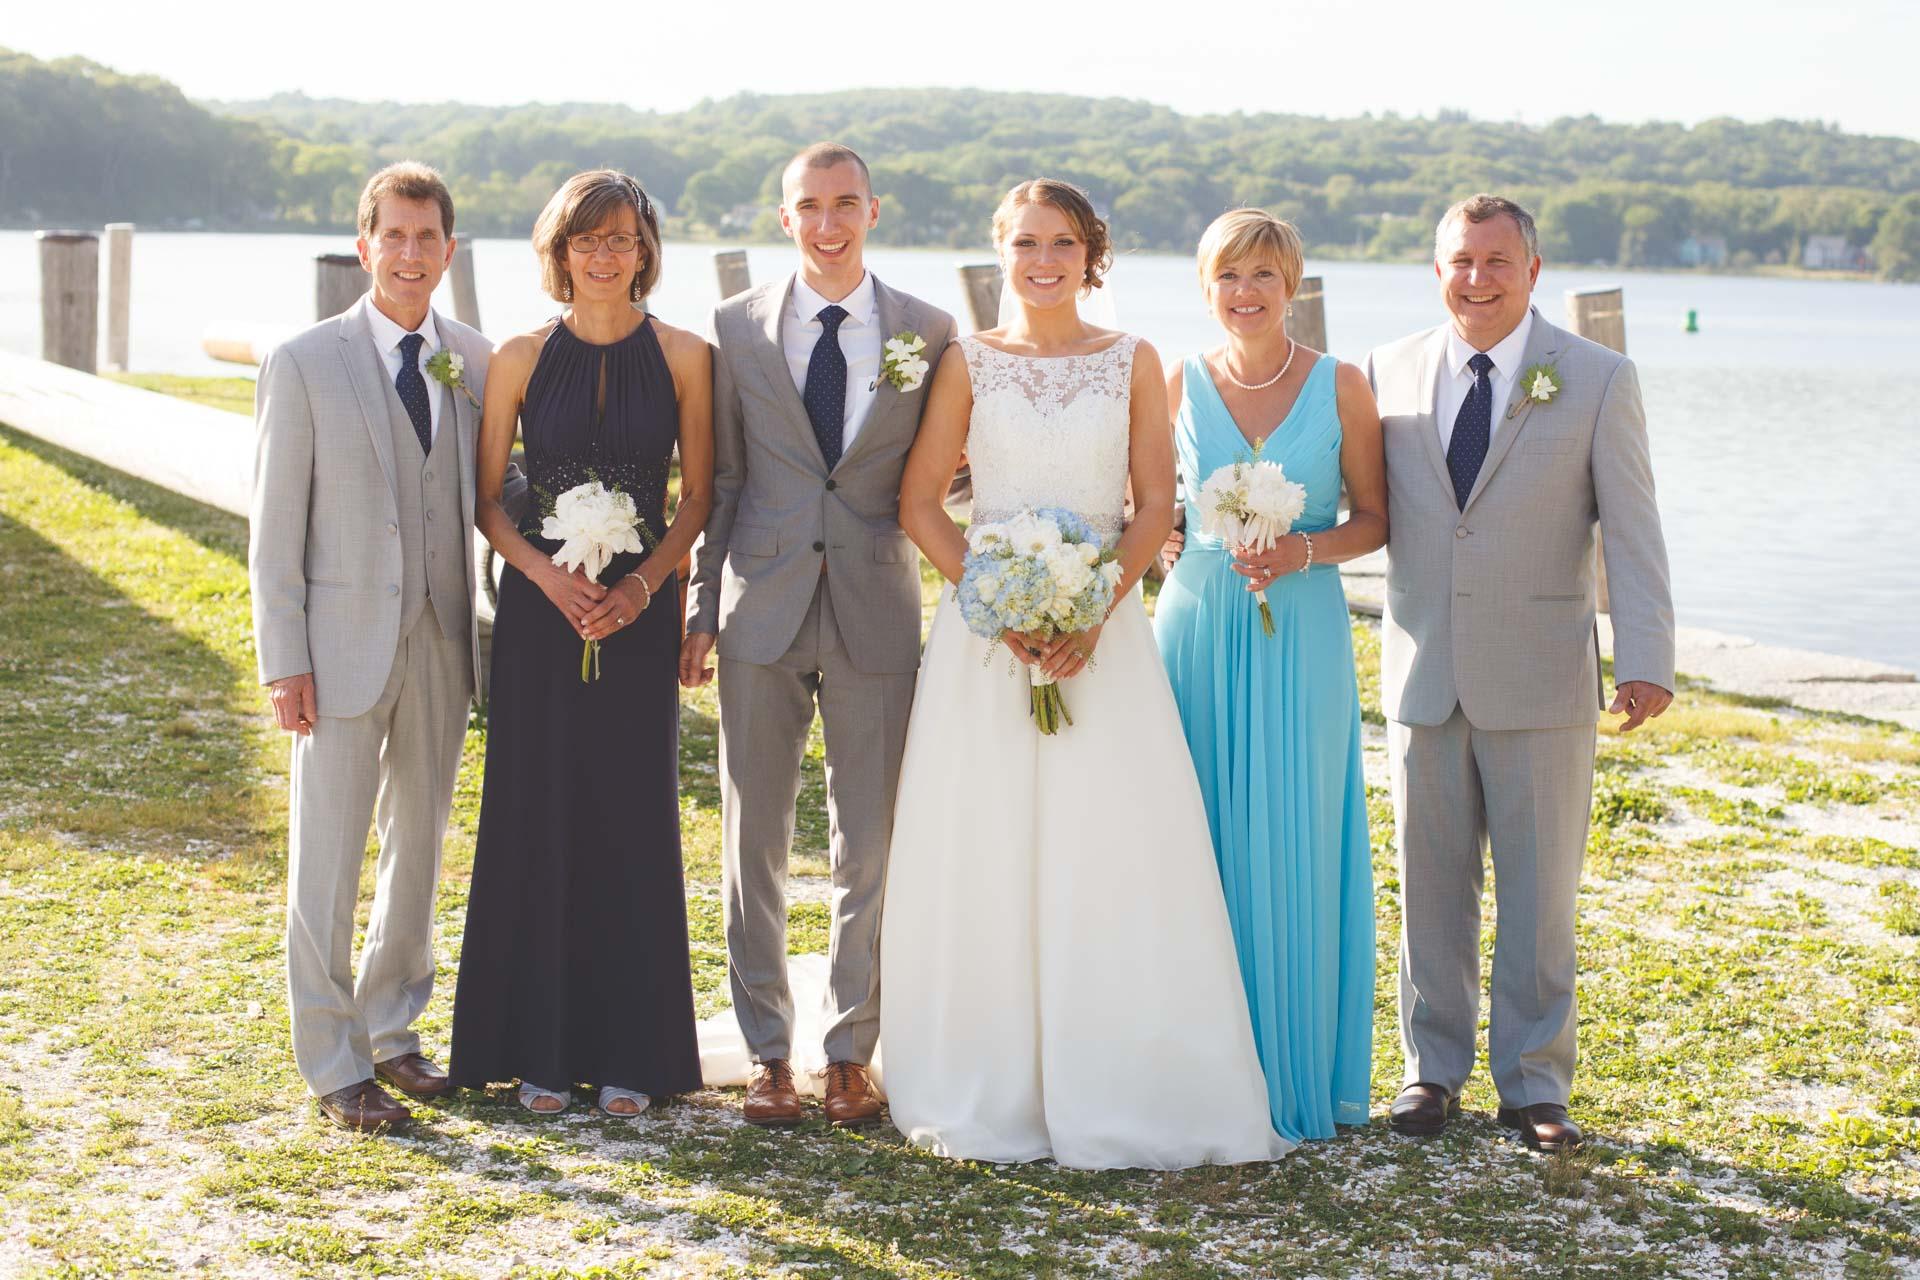 latitude-41-wedding-photography (29 of 66).jpg